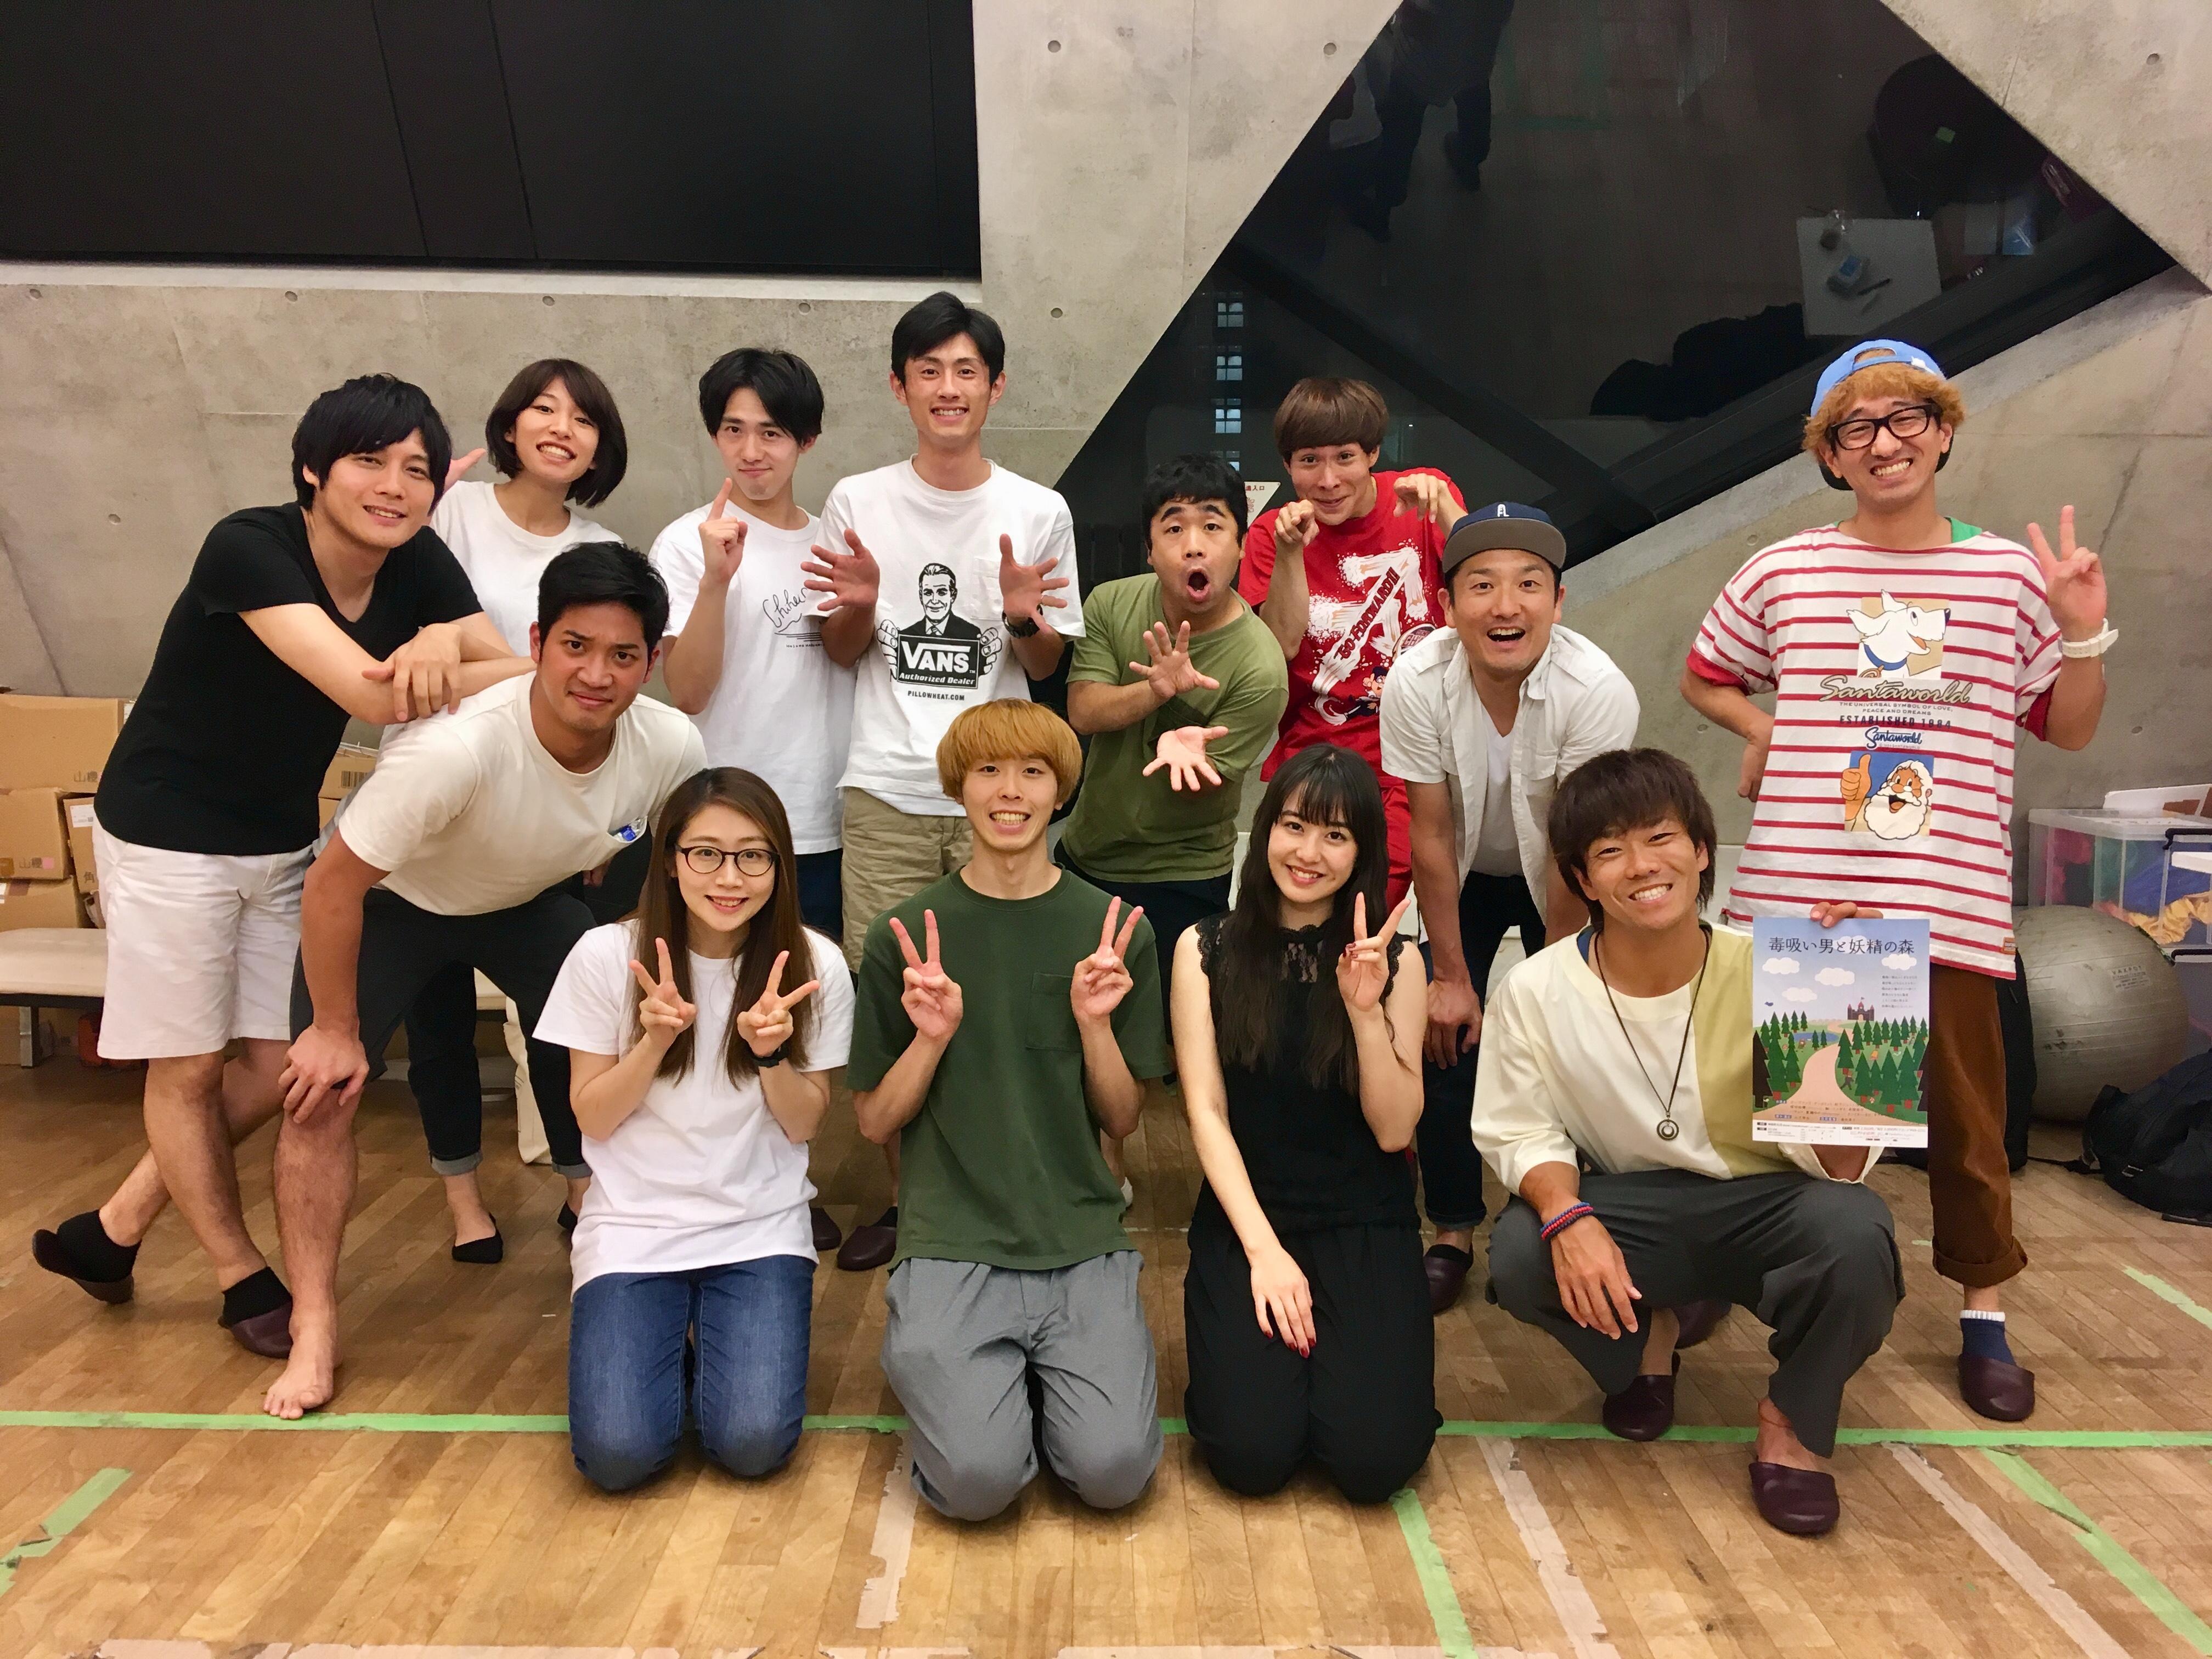 http://news.yoshimoto.co.jp/20180807112654-b35e6c34219781085f5828c036249885455bd35a.jpg